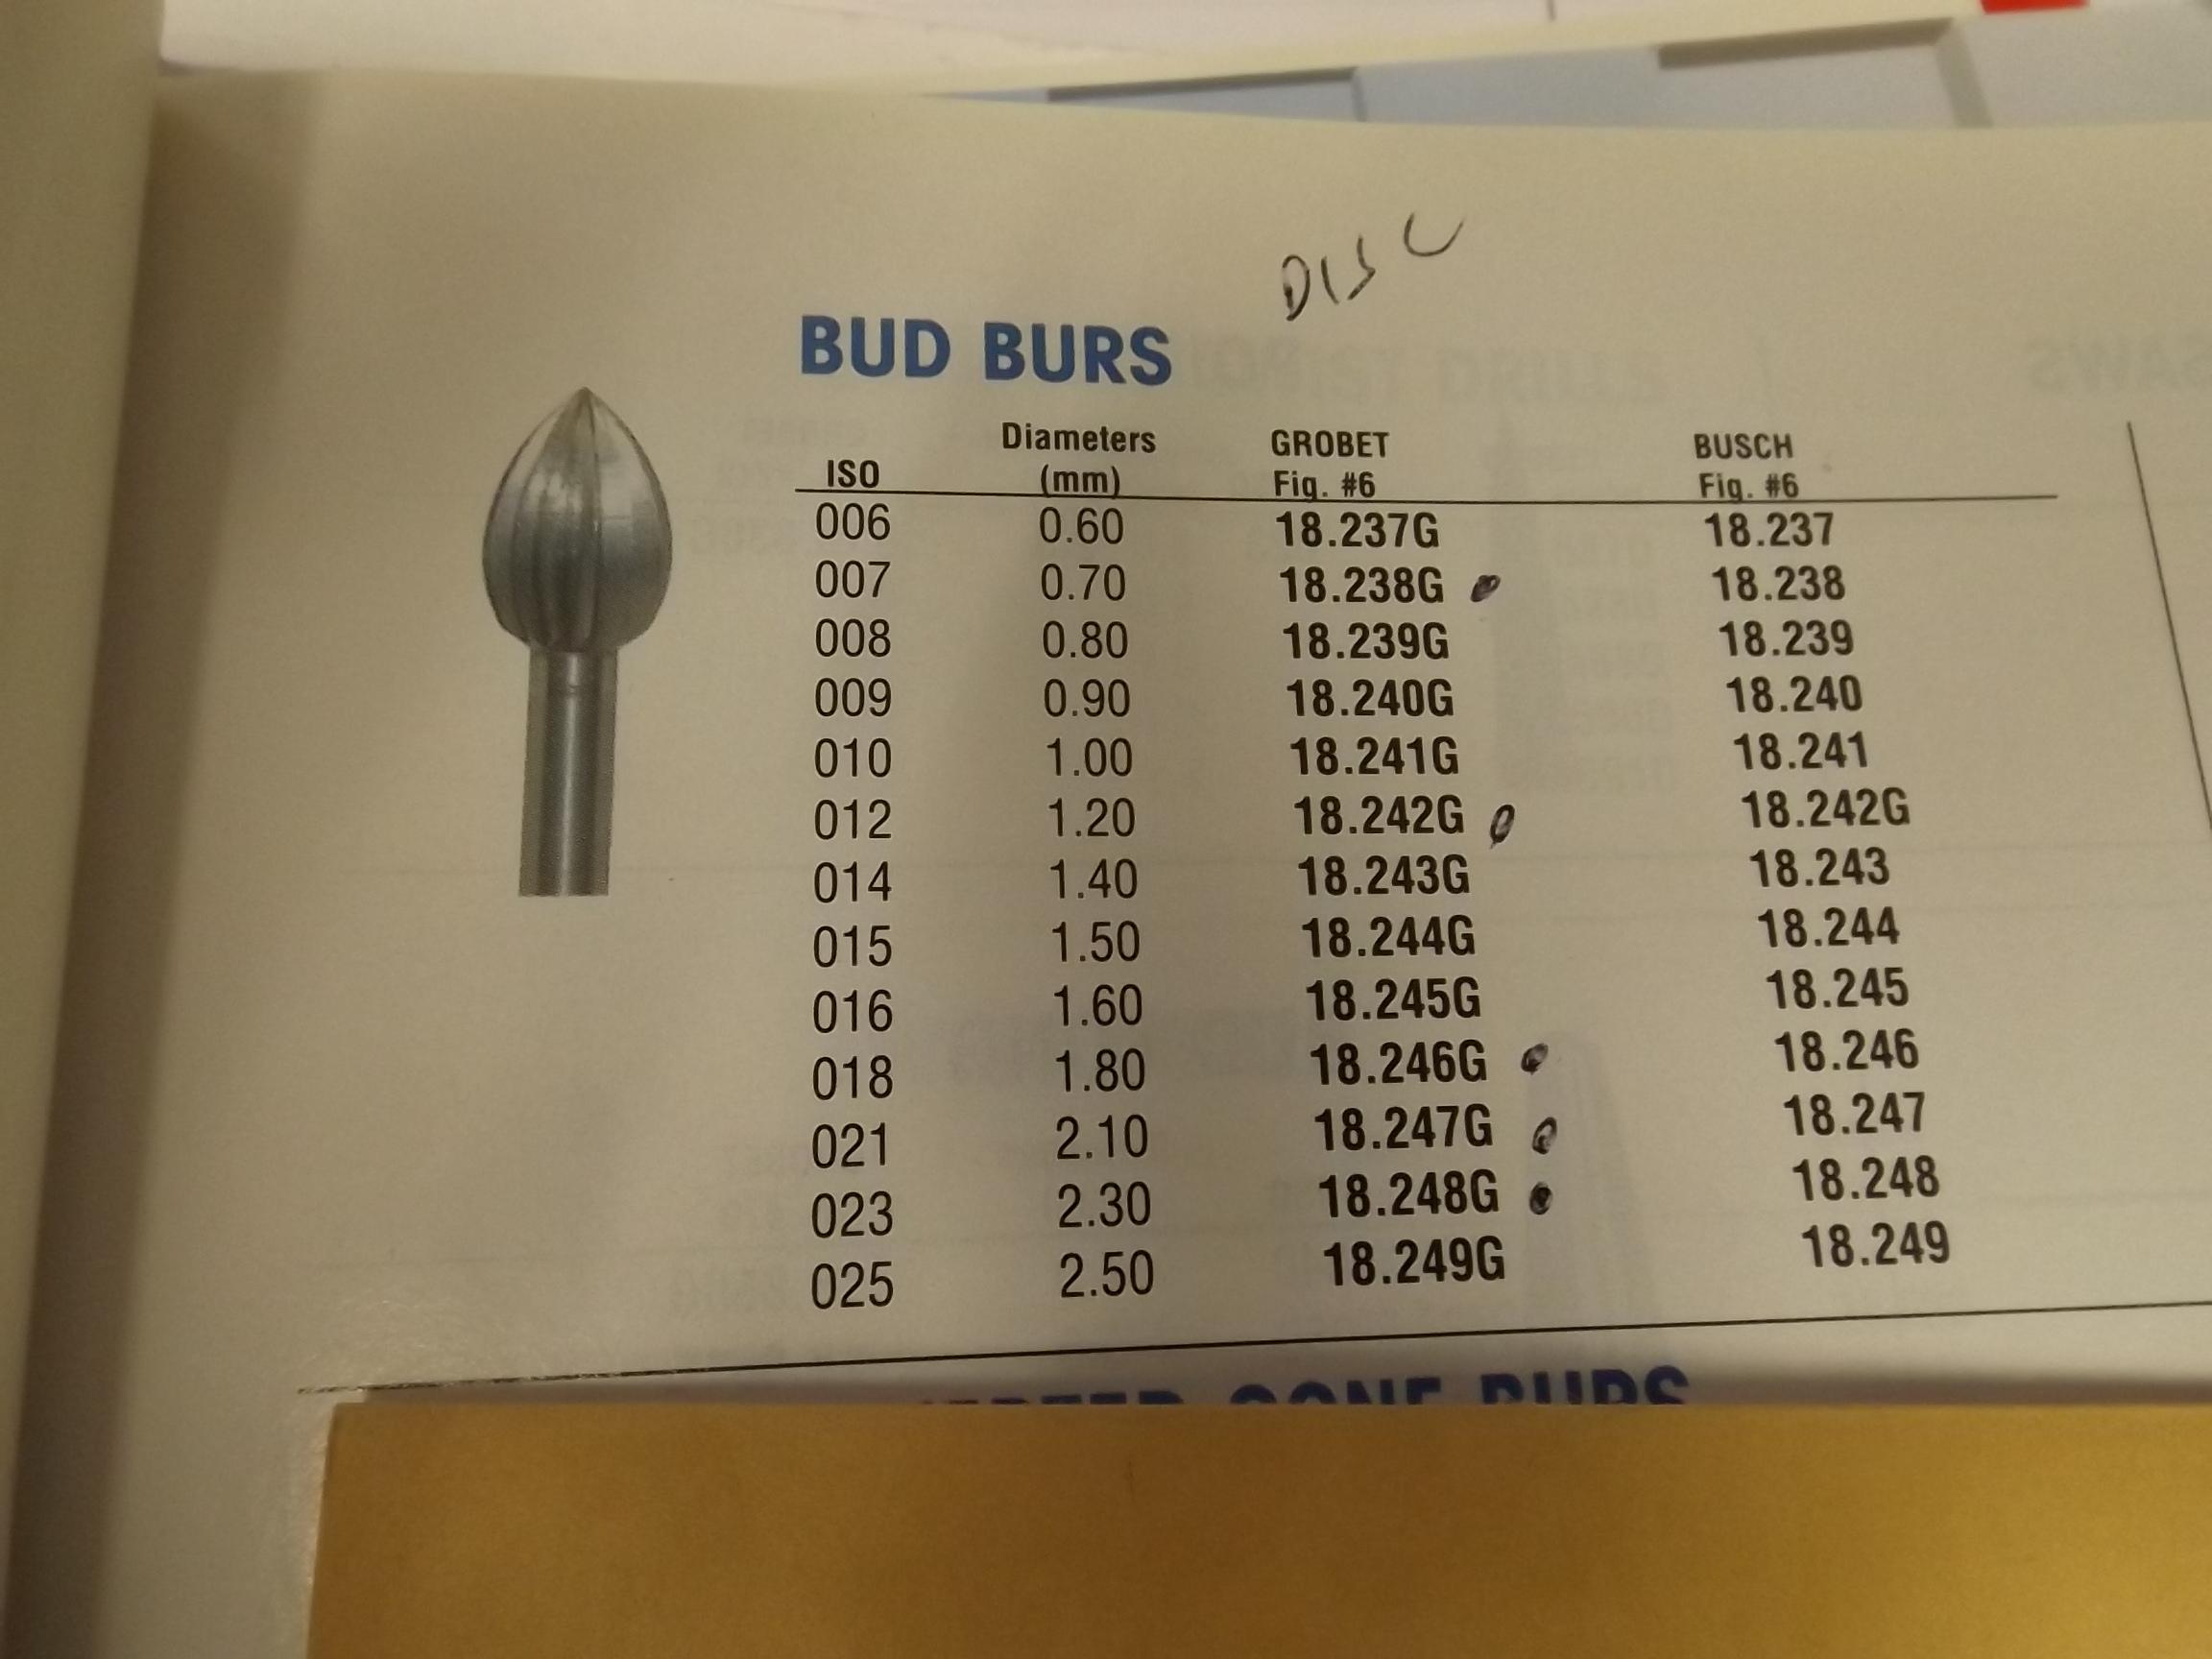 BR18.251G Bud Burs Meisinger/Grobet Brands--while 15 last!